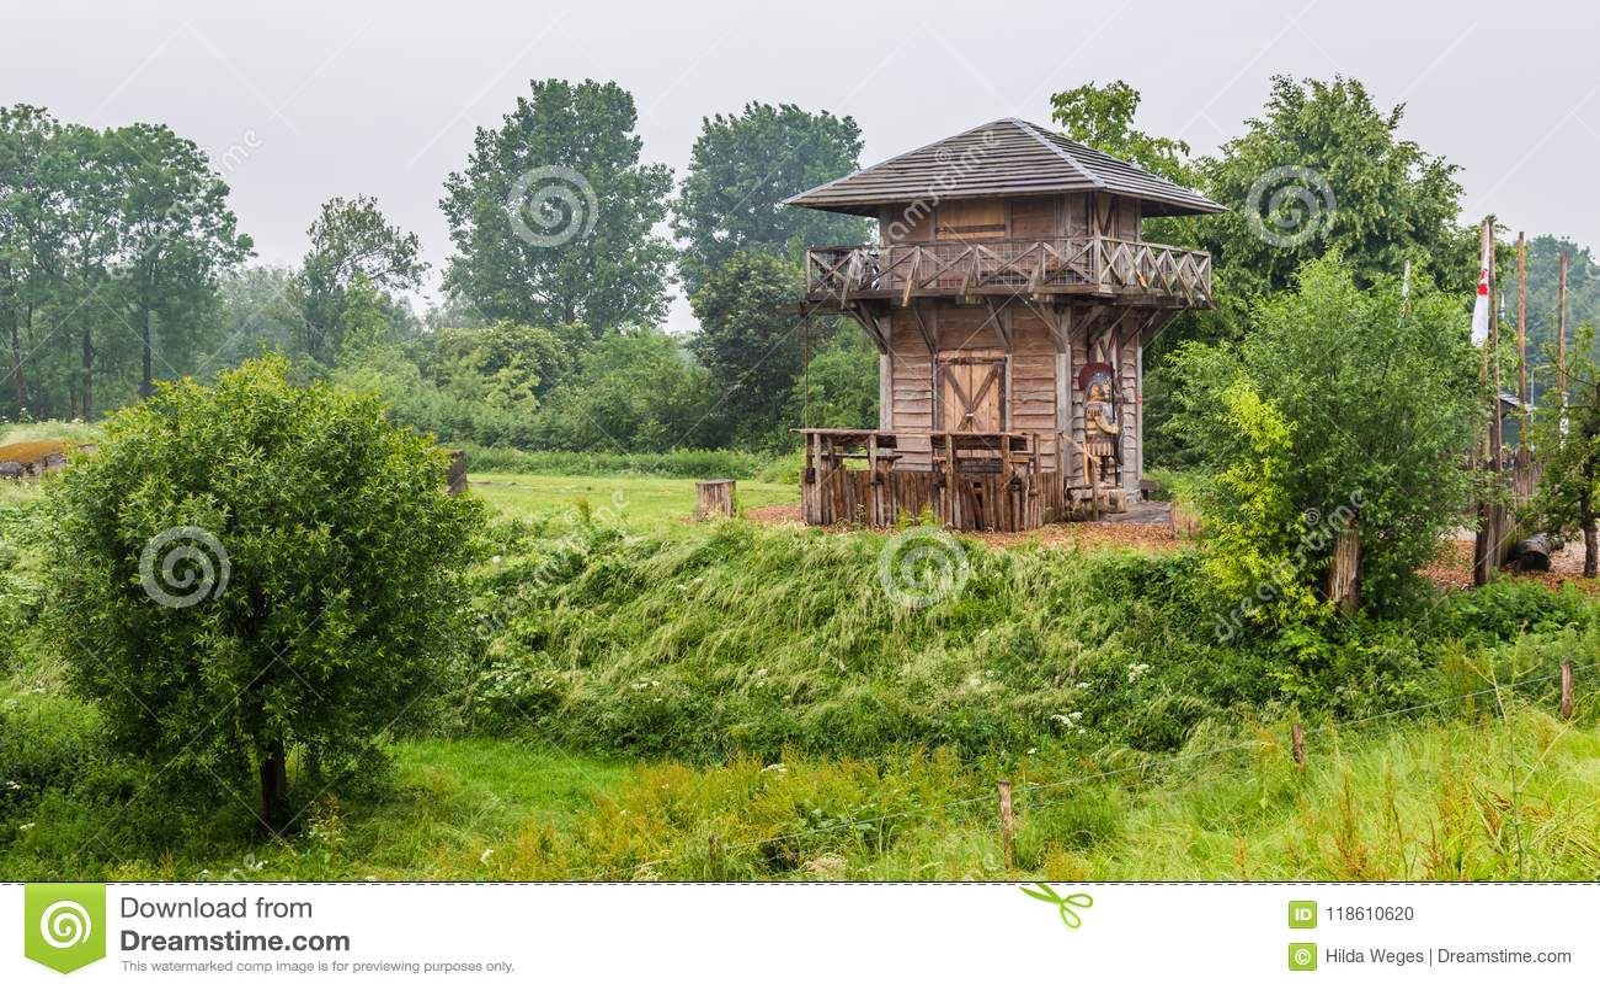 Roman watch tower Netherlands